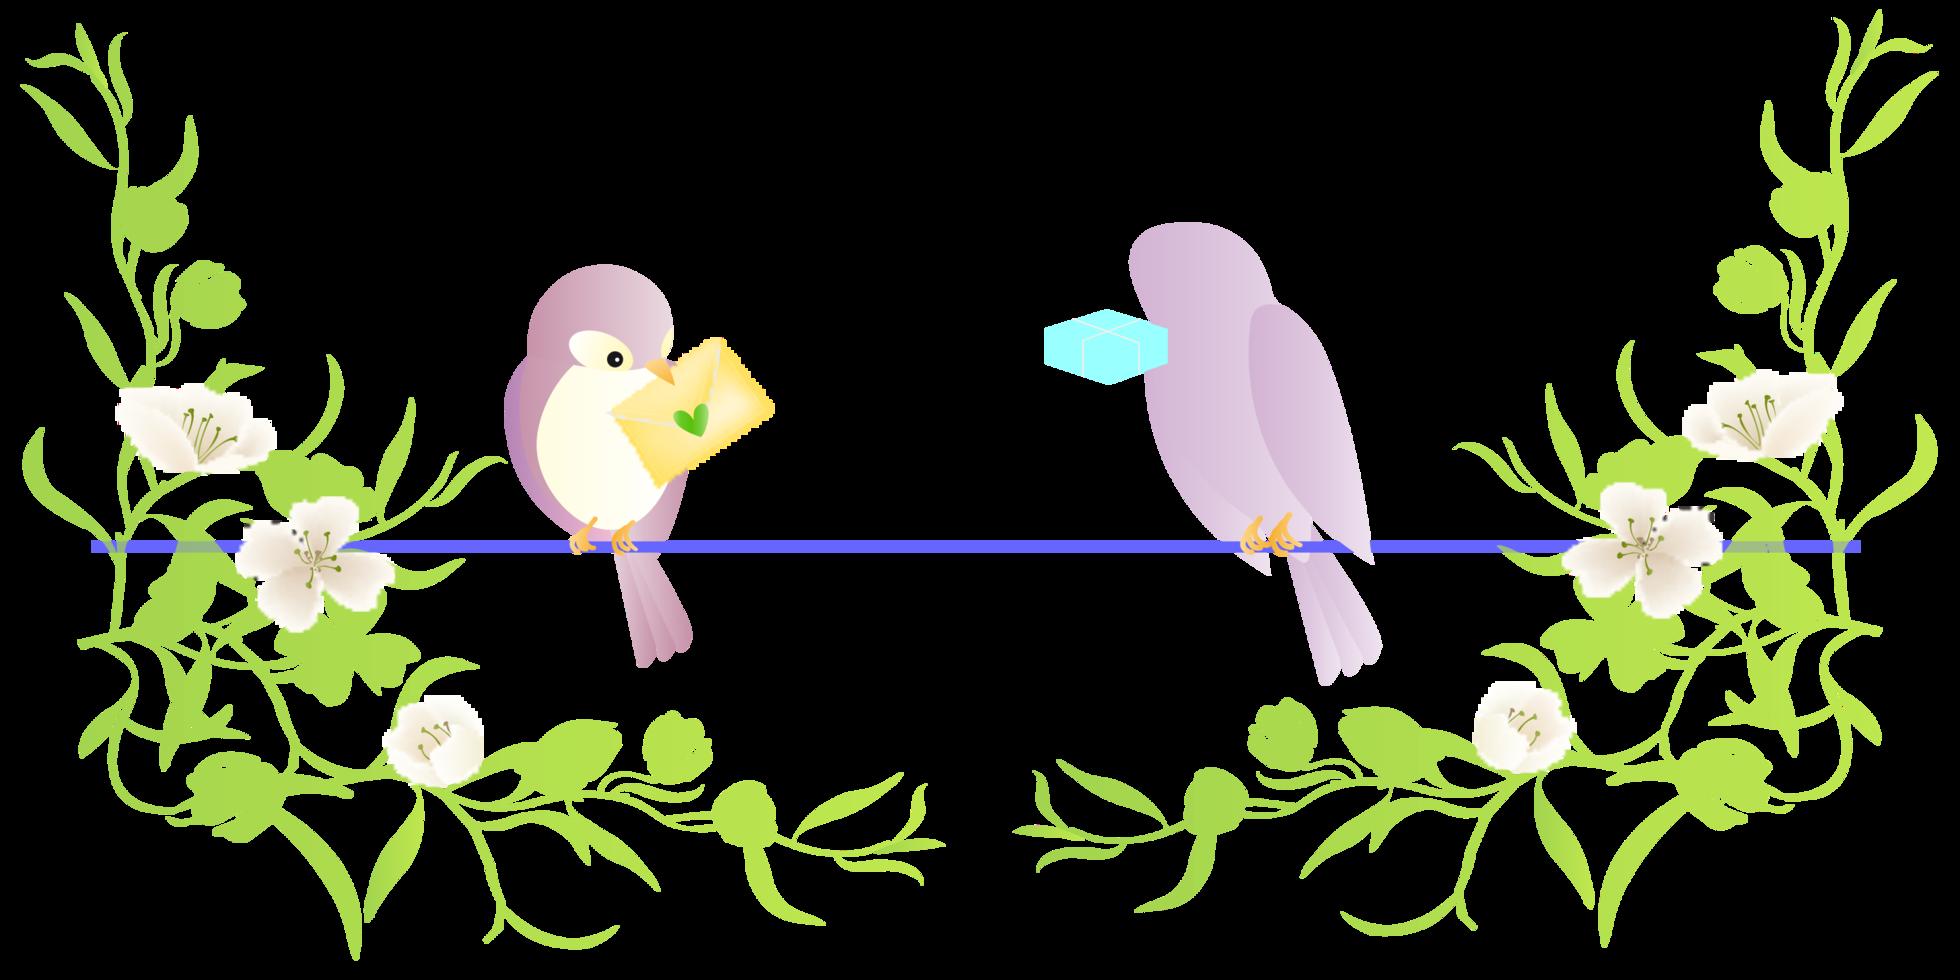 Liebesvogel png